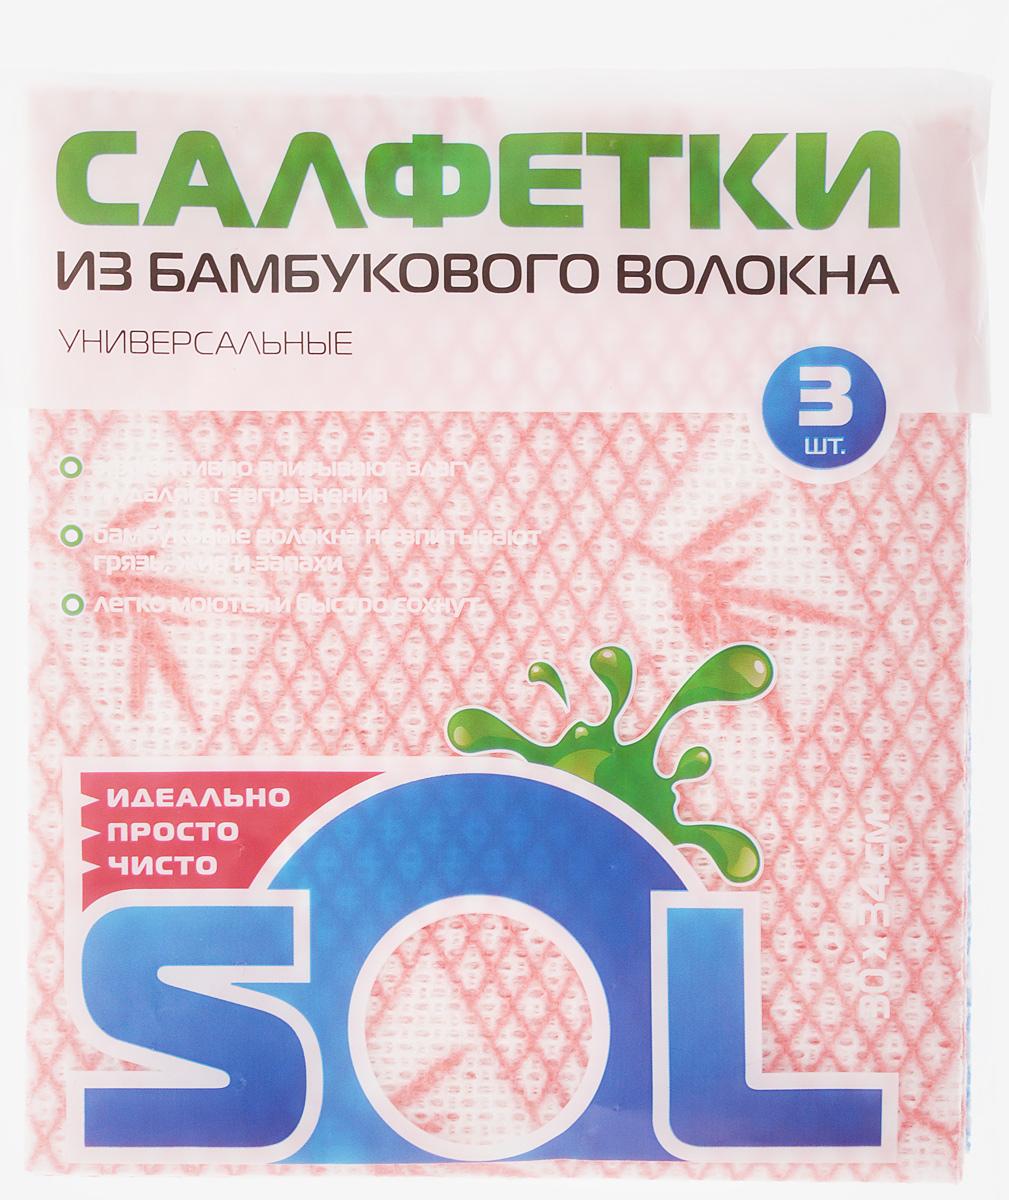 Салфетка для уборки Sol, из бамбукового волокна, цвет: розовый, голубой, 30 x 34 см, 3 шт10001/70007_розовый/голубойСалфетки Sol, выполненные из бамбукового волокна, вискозы и полиэстера, предназначены для уборки. Бамбуковое волокно - экологичный и безопасный для здоровья человека материал, не содержащий в своем составе никаких химических добавок, синтетических материалов и примесей. Благодаря трубчатой структуре волокон, жир и грязь не впитываются в ткань, легко вымываются под струей водой. Рекомендации по уходу: Бамбуковые салфетки не требуют особого ухода. После каждого использования их рекомендуется промыть под струей воды и просушить. Не рекомендуется сушить салфетки на батарее. Размер салфетки: 30 х 34 см.